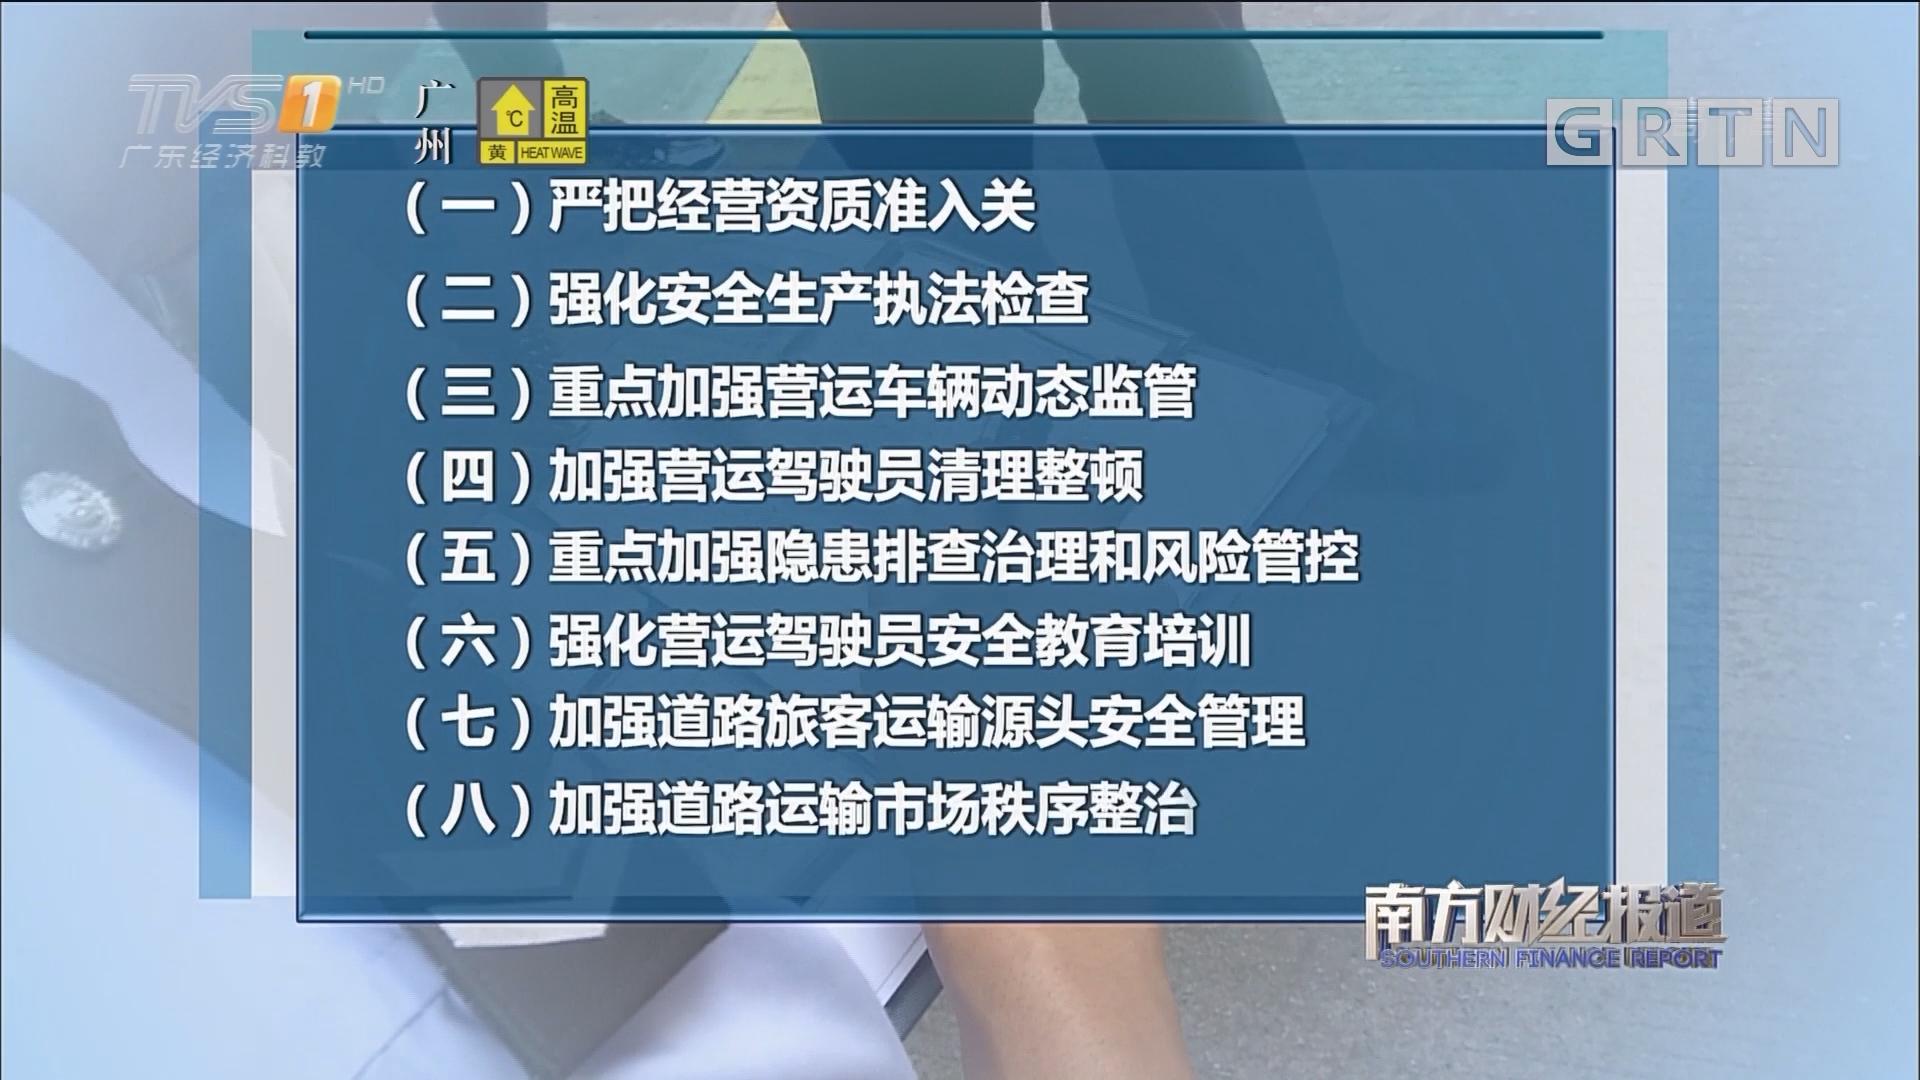 广州交警发布十大重点管控街镇路段